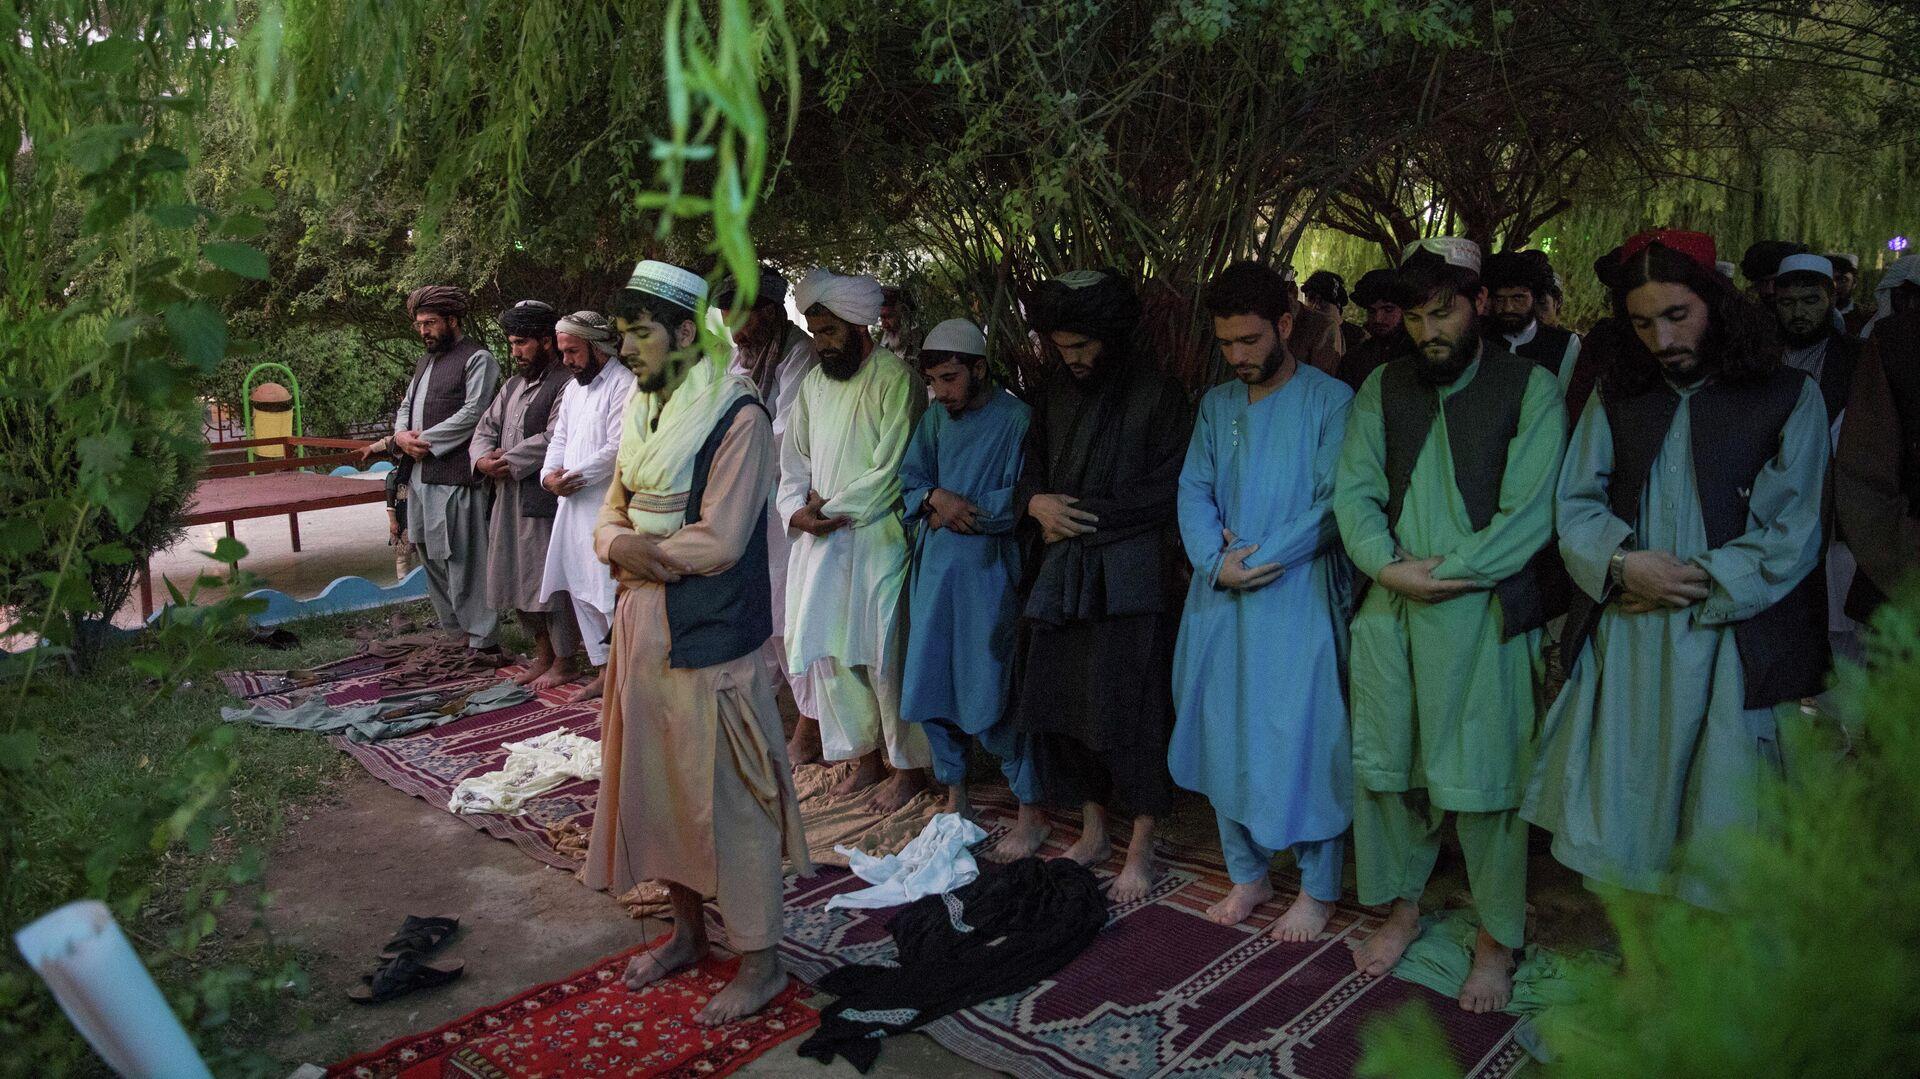 Сторонники движения Талибан* во время молитвы в Герате, Афганистан  - РИА Новости, 1920, 28.09.2021